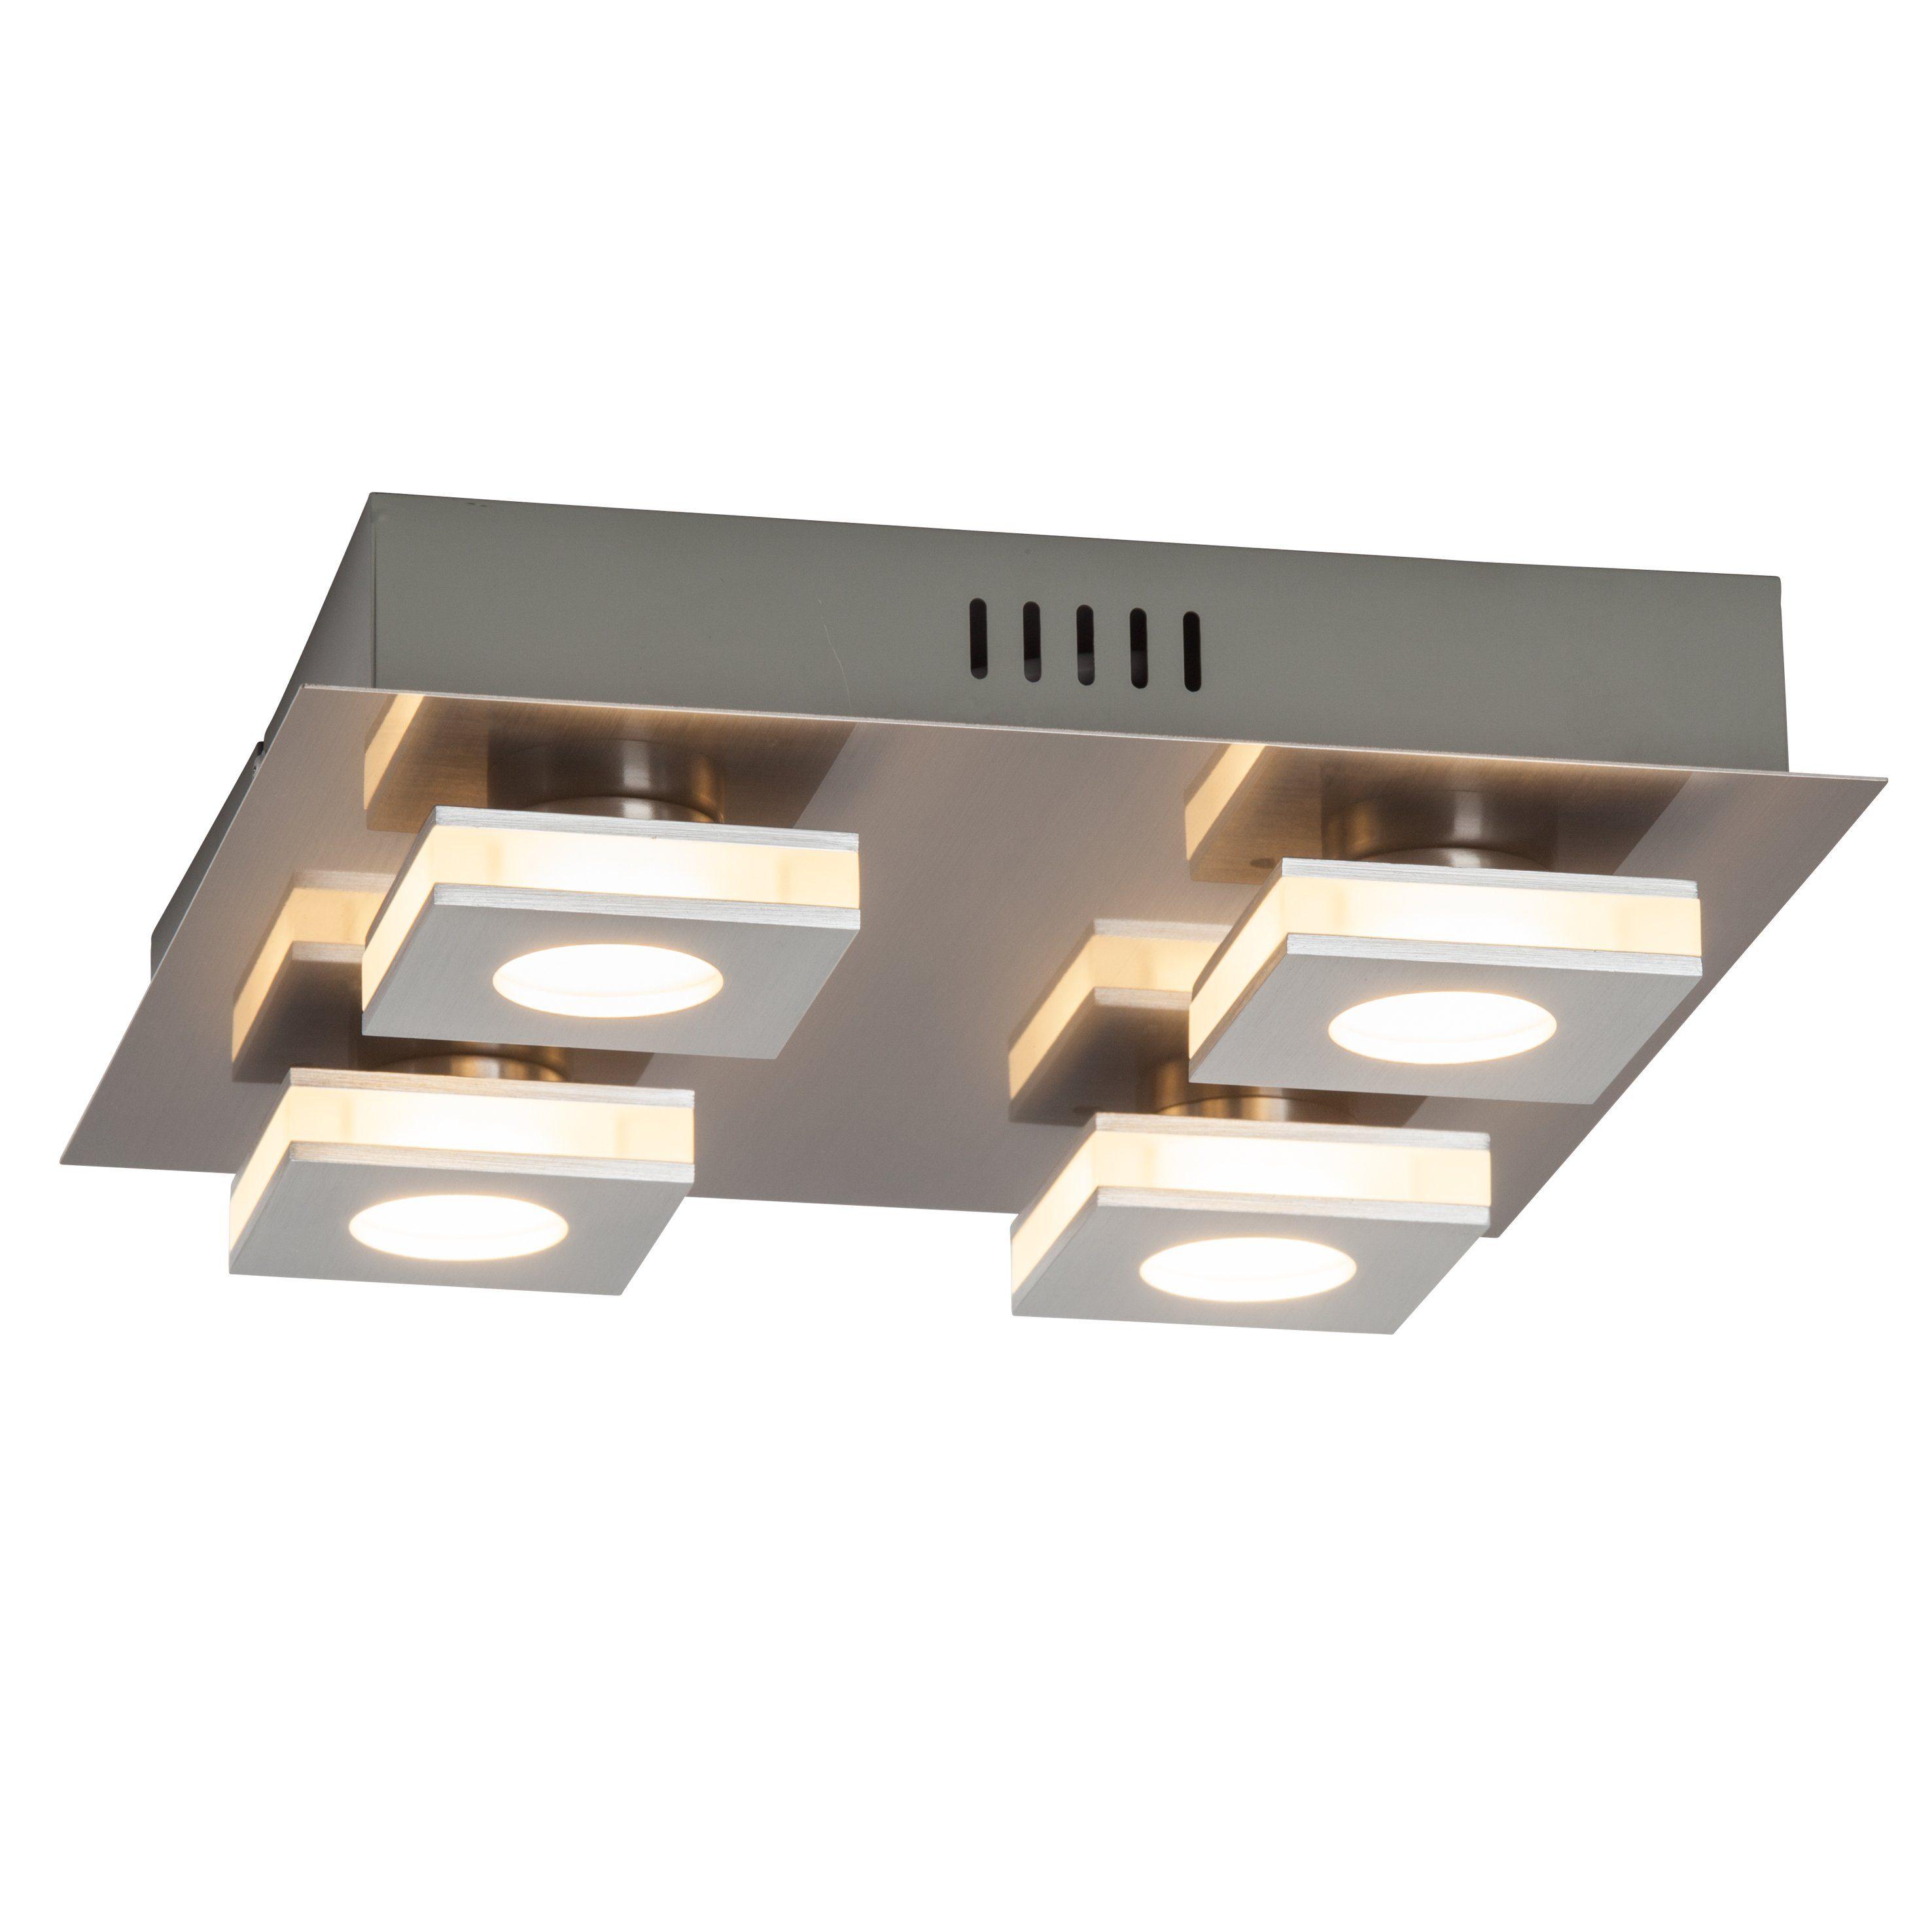 Brilliant Leuchten Transit LED Wand- und Deckenleuchte, 4-flammig nickel/alu